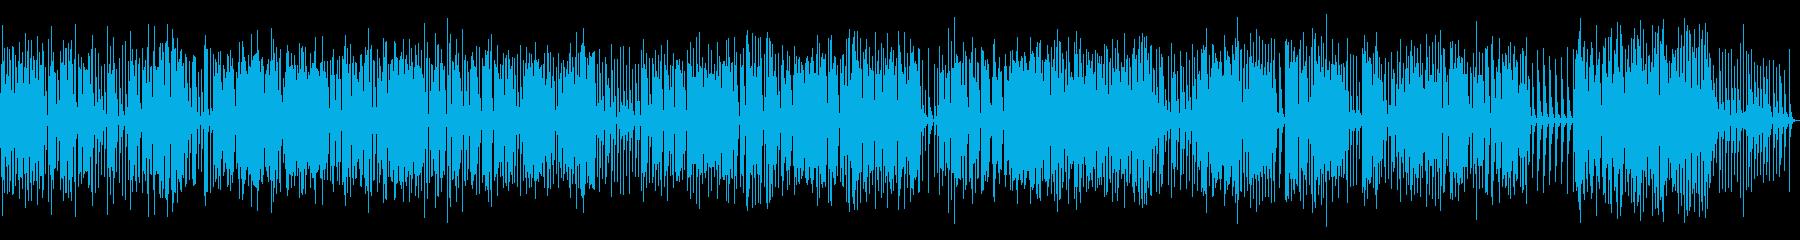 長尺オルゴール楽曲02-2(駆動音なし)の再生済みの波形